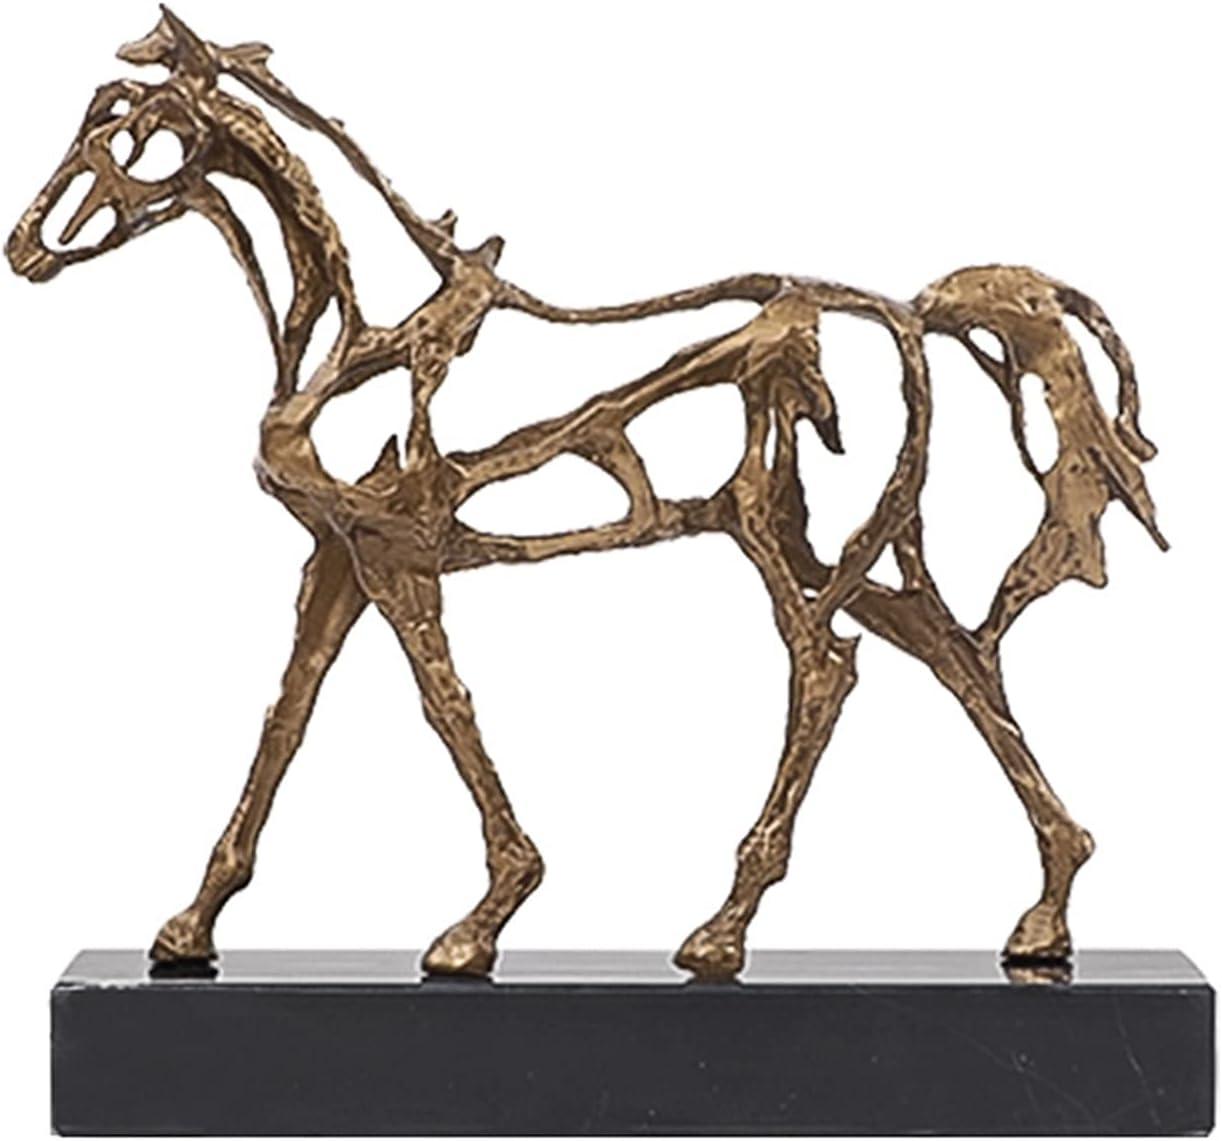 Escultura Estatua de pie caballo de latón hueco hacia fuera escultura de caballos animal decoración del hogar moderno metal caballo estatuilla para el hogar estantería de oficina estantería □ decoraci